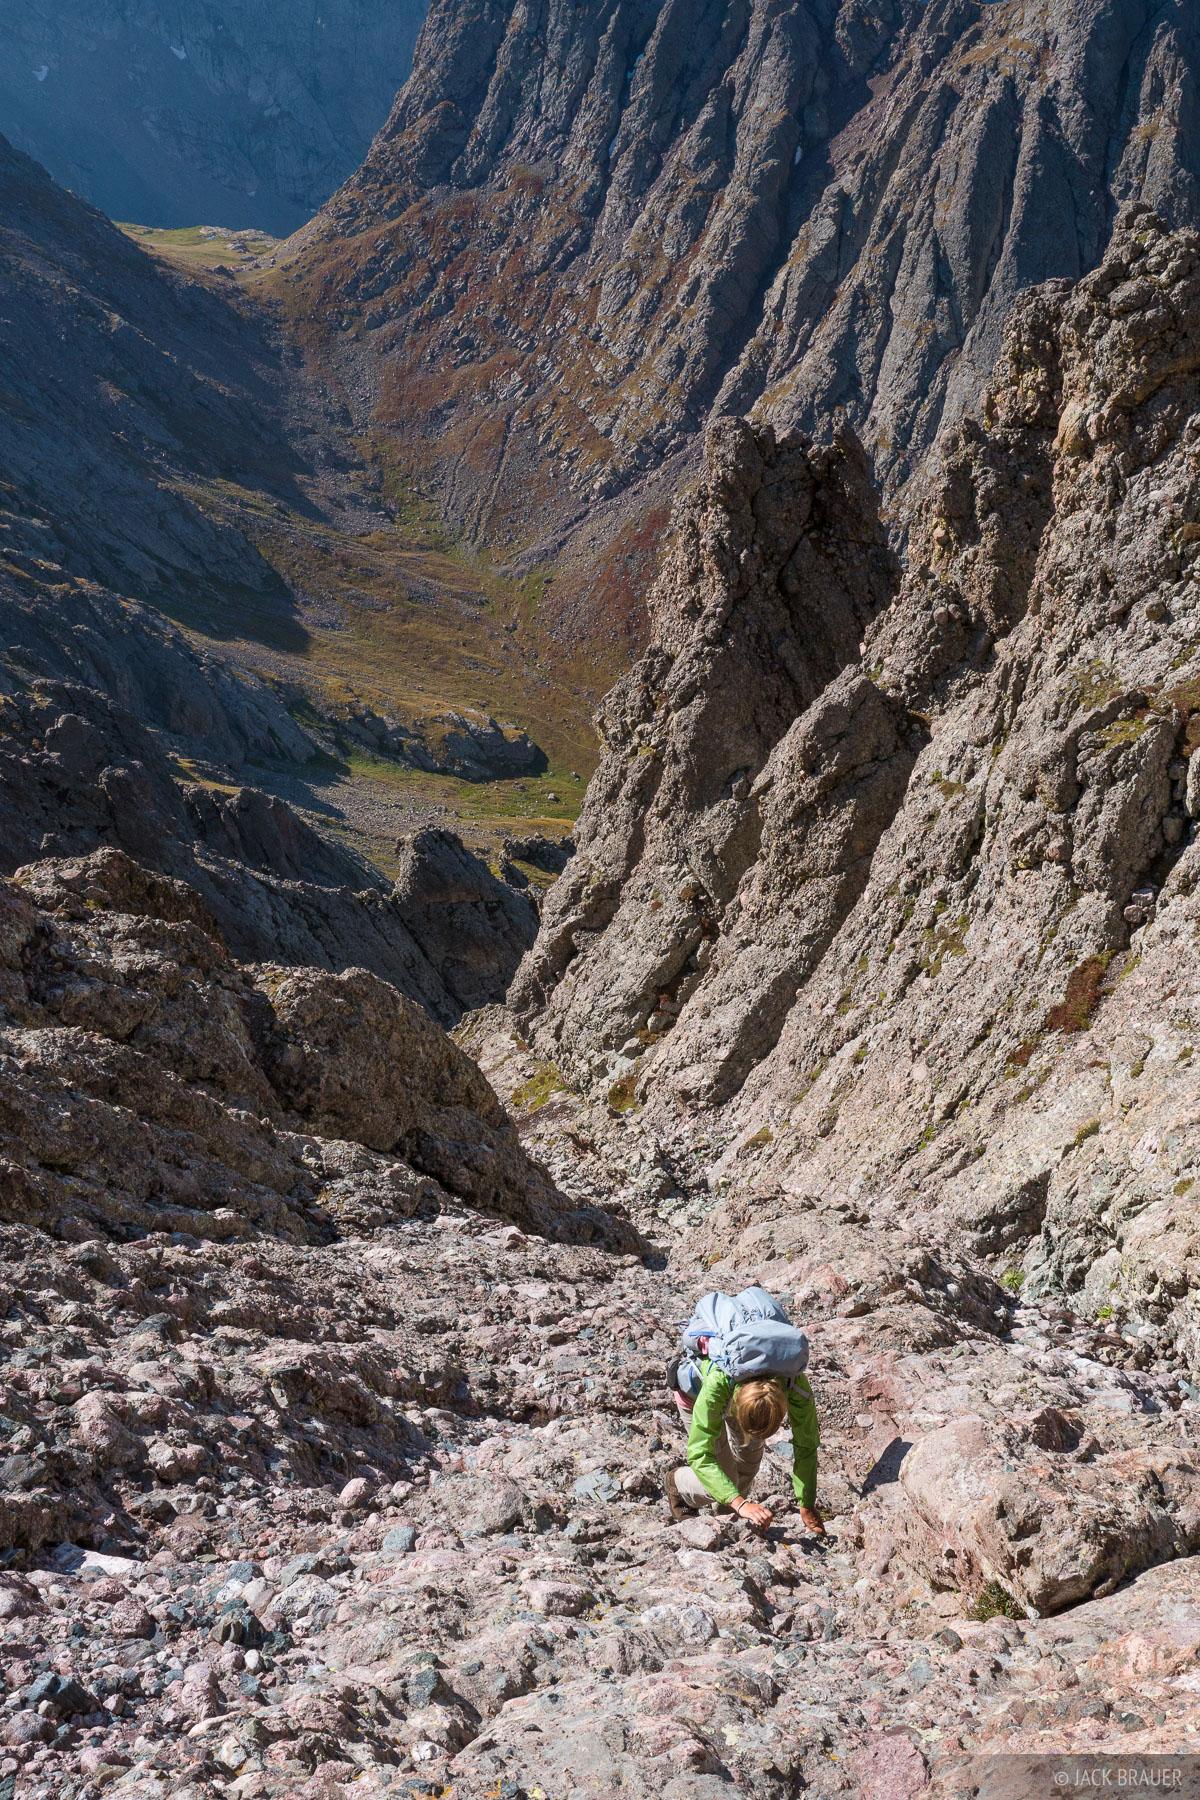 Colorado, Crestone Needle, Sangre de Cristos, 14er, hiking, climbing, Sangre de Cristo Wilderness, photo